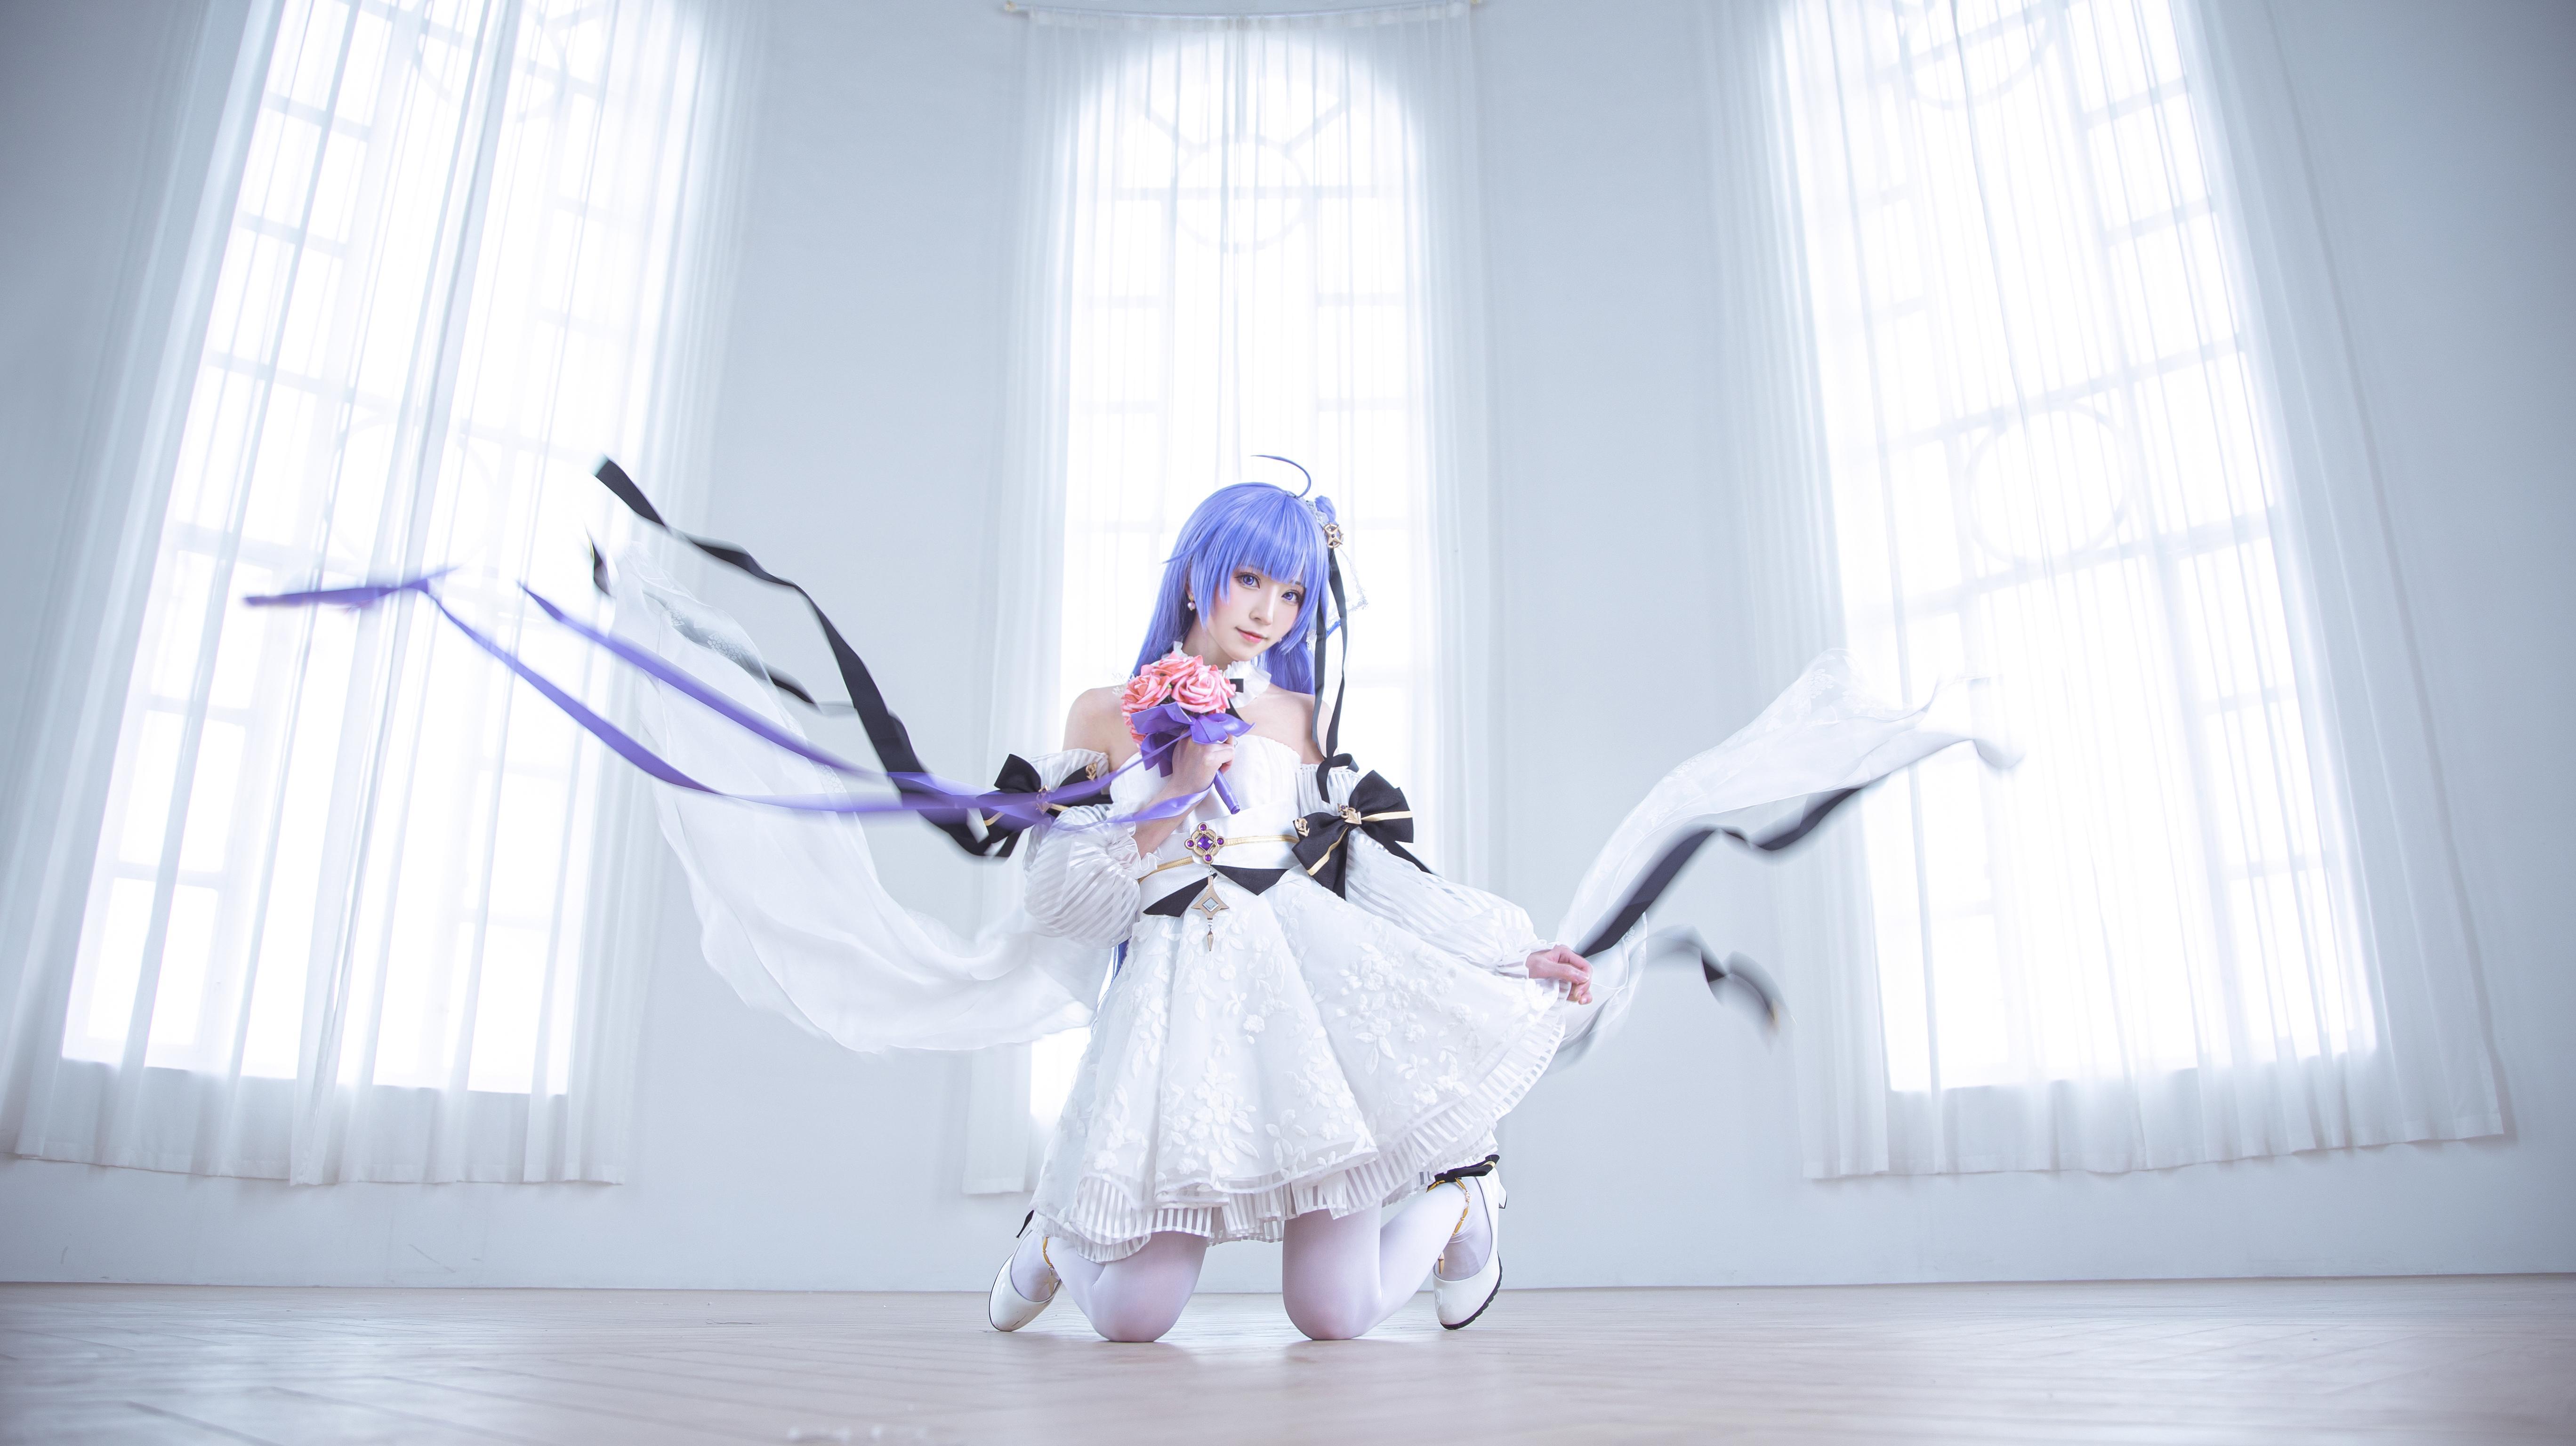 《碧蓝航线》独角兽碧蓝航线cosplay【CN:Kitaro_绮太郎】-第11张